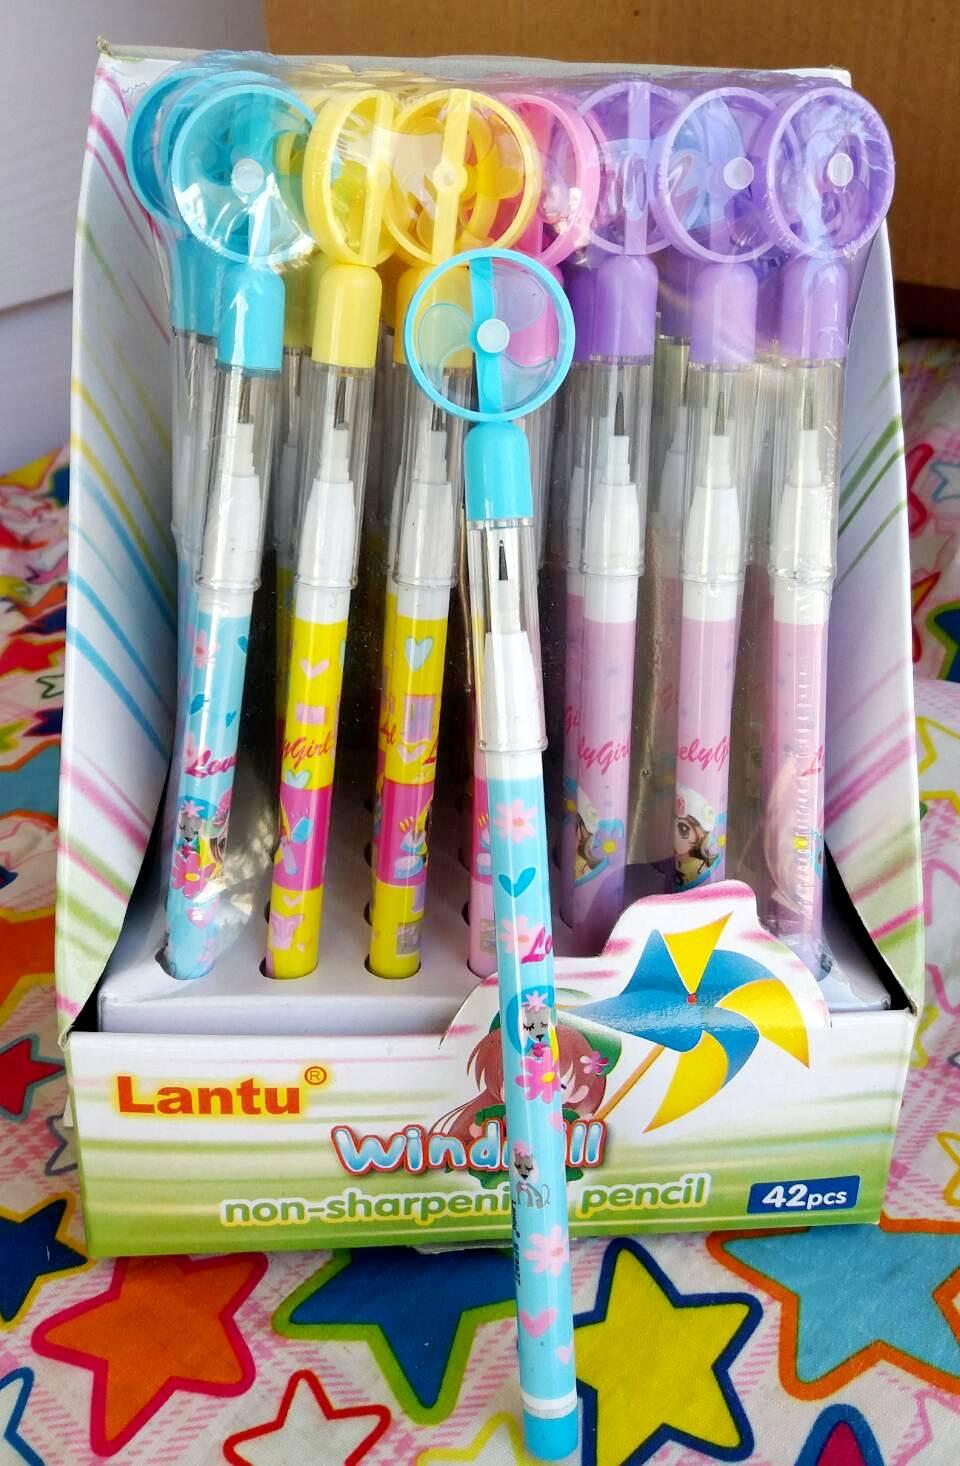 ดินสอต่อไส้พัดลม42แท่ง 110บาทต่อกล่อง